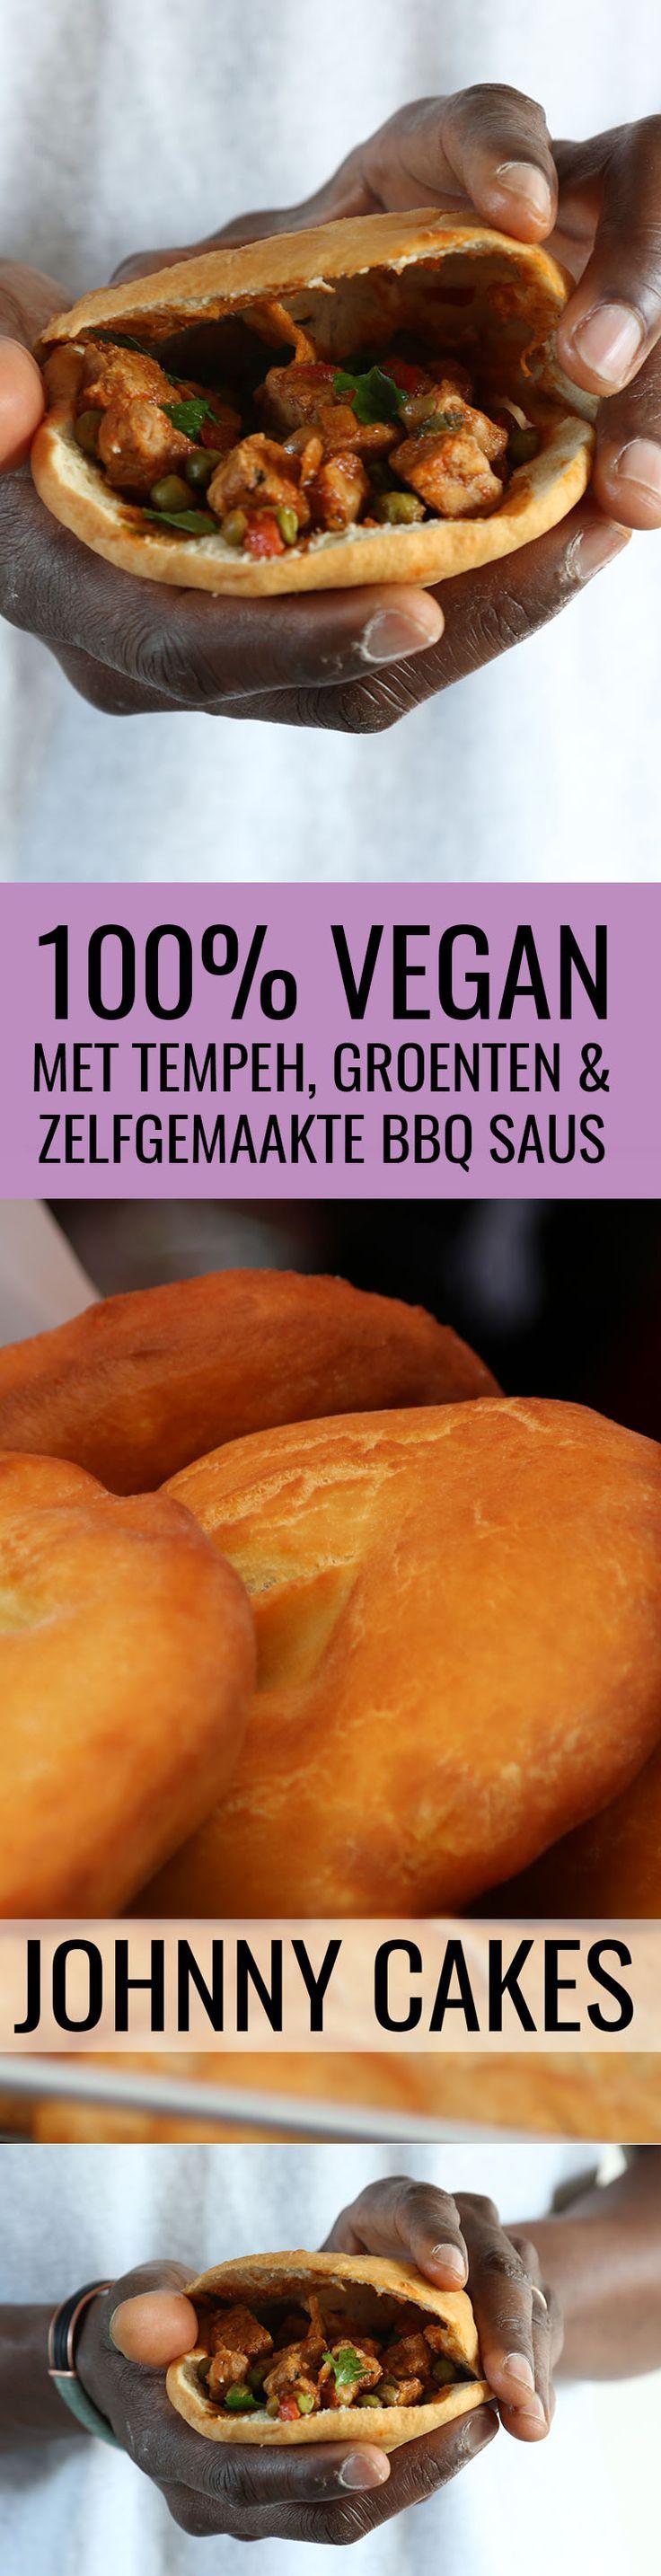 vegan veganistische johnny cakes recept antilliaans eten